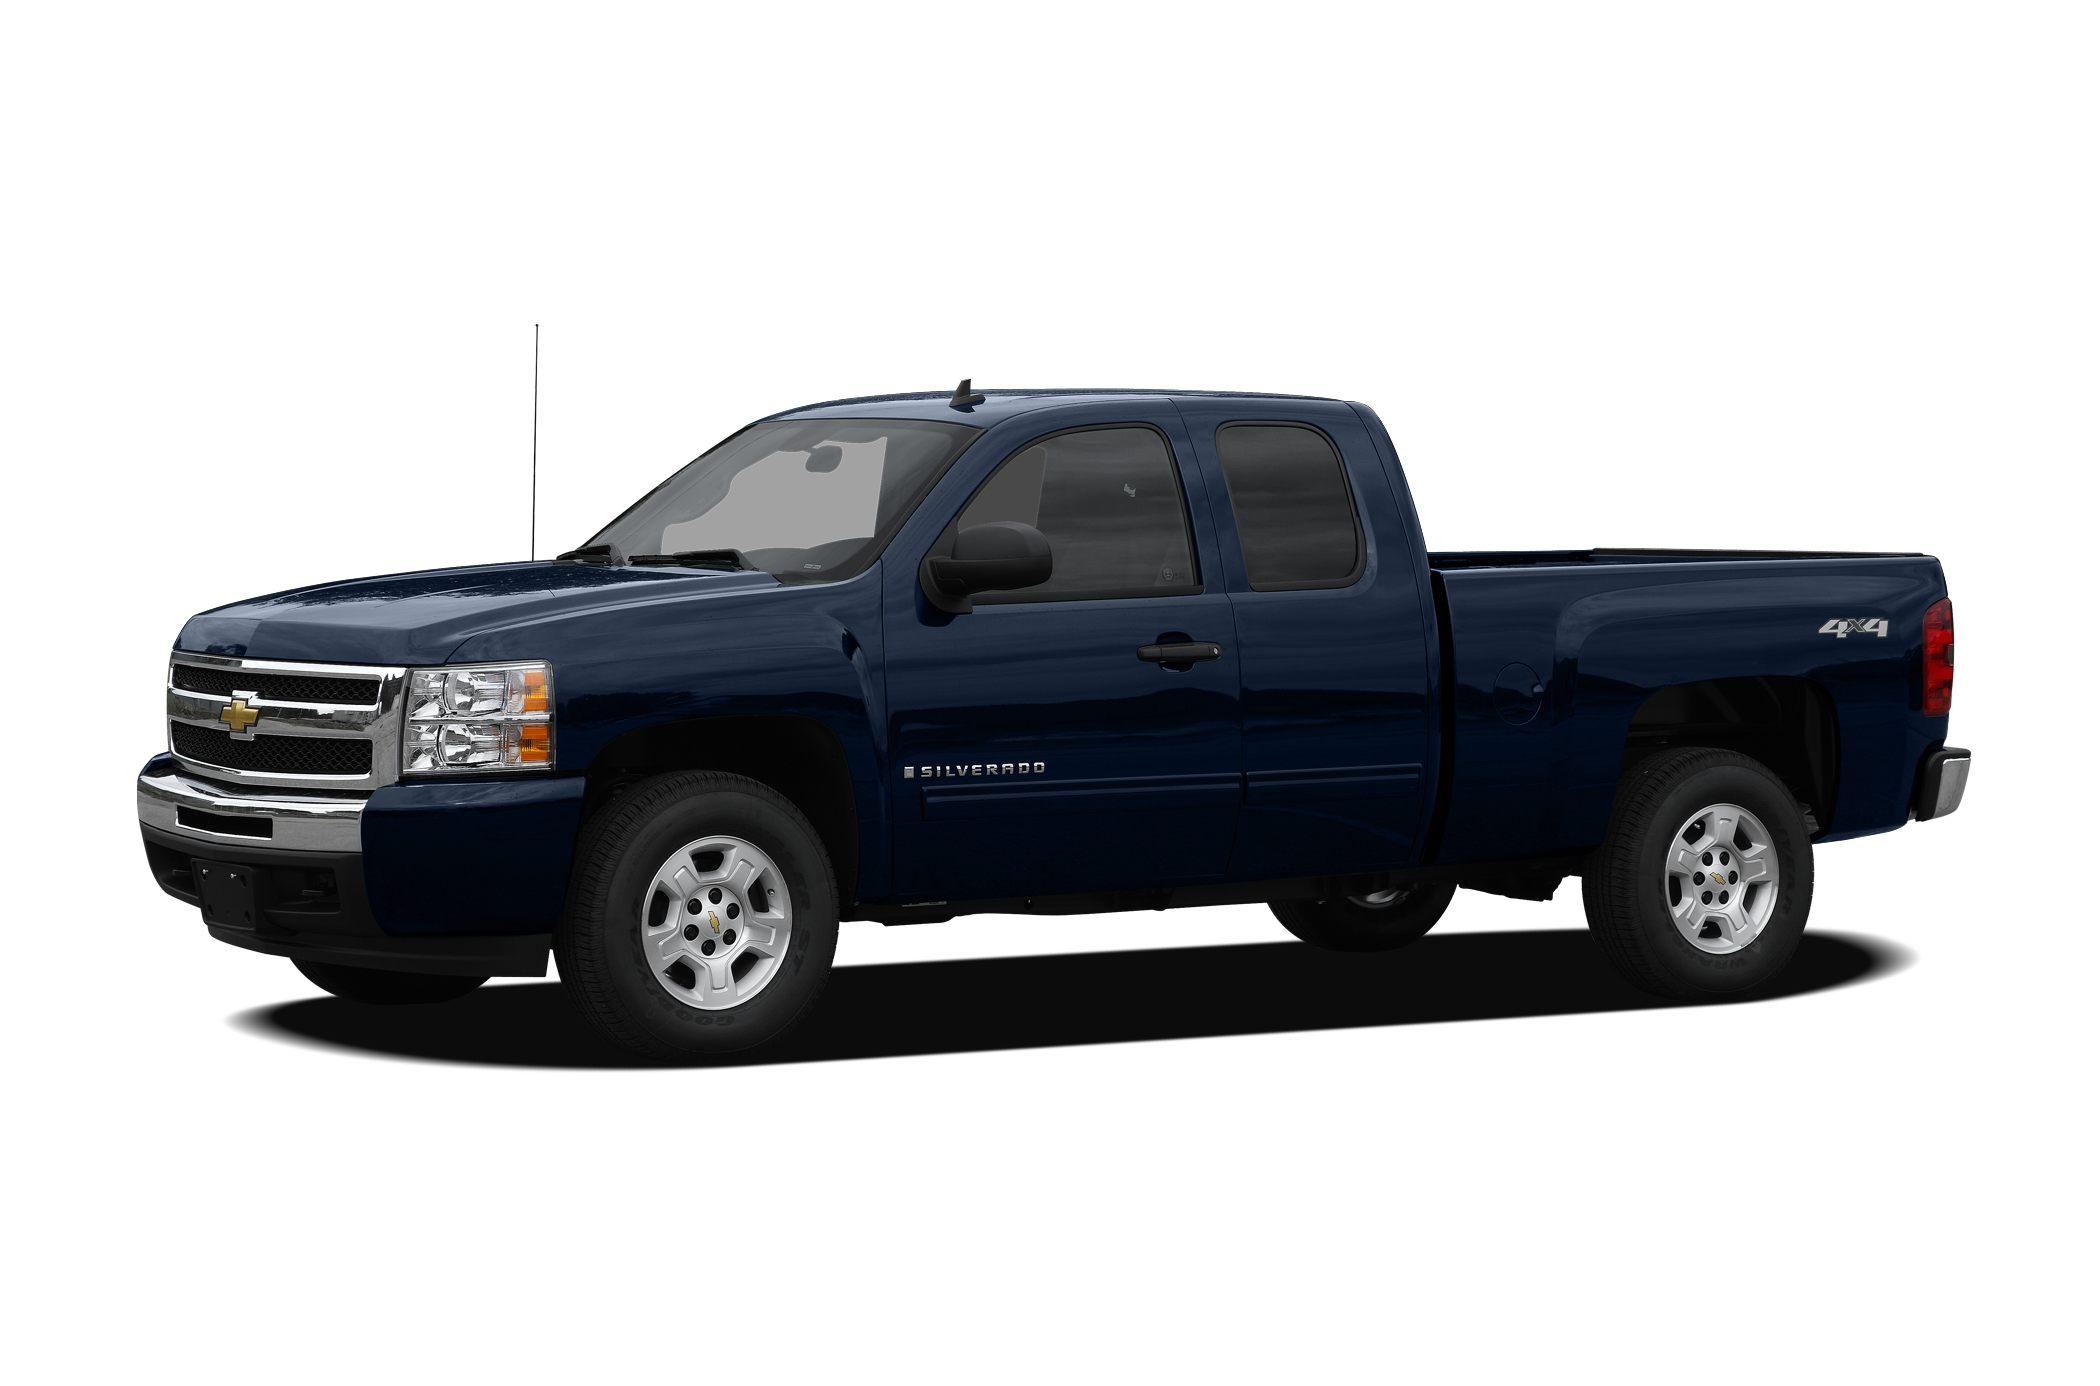 2009 Chevrolet Silverado 1500